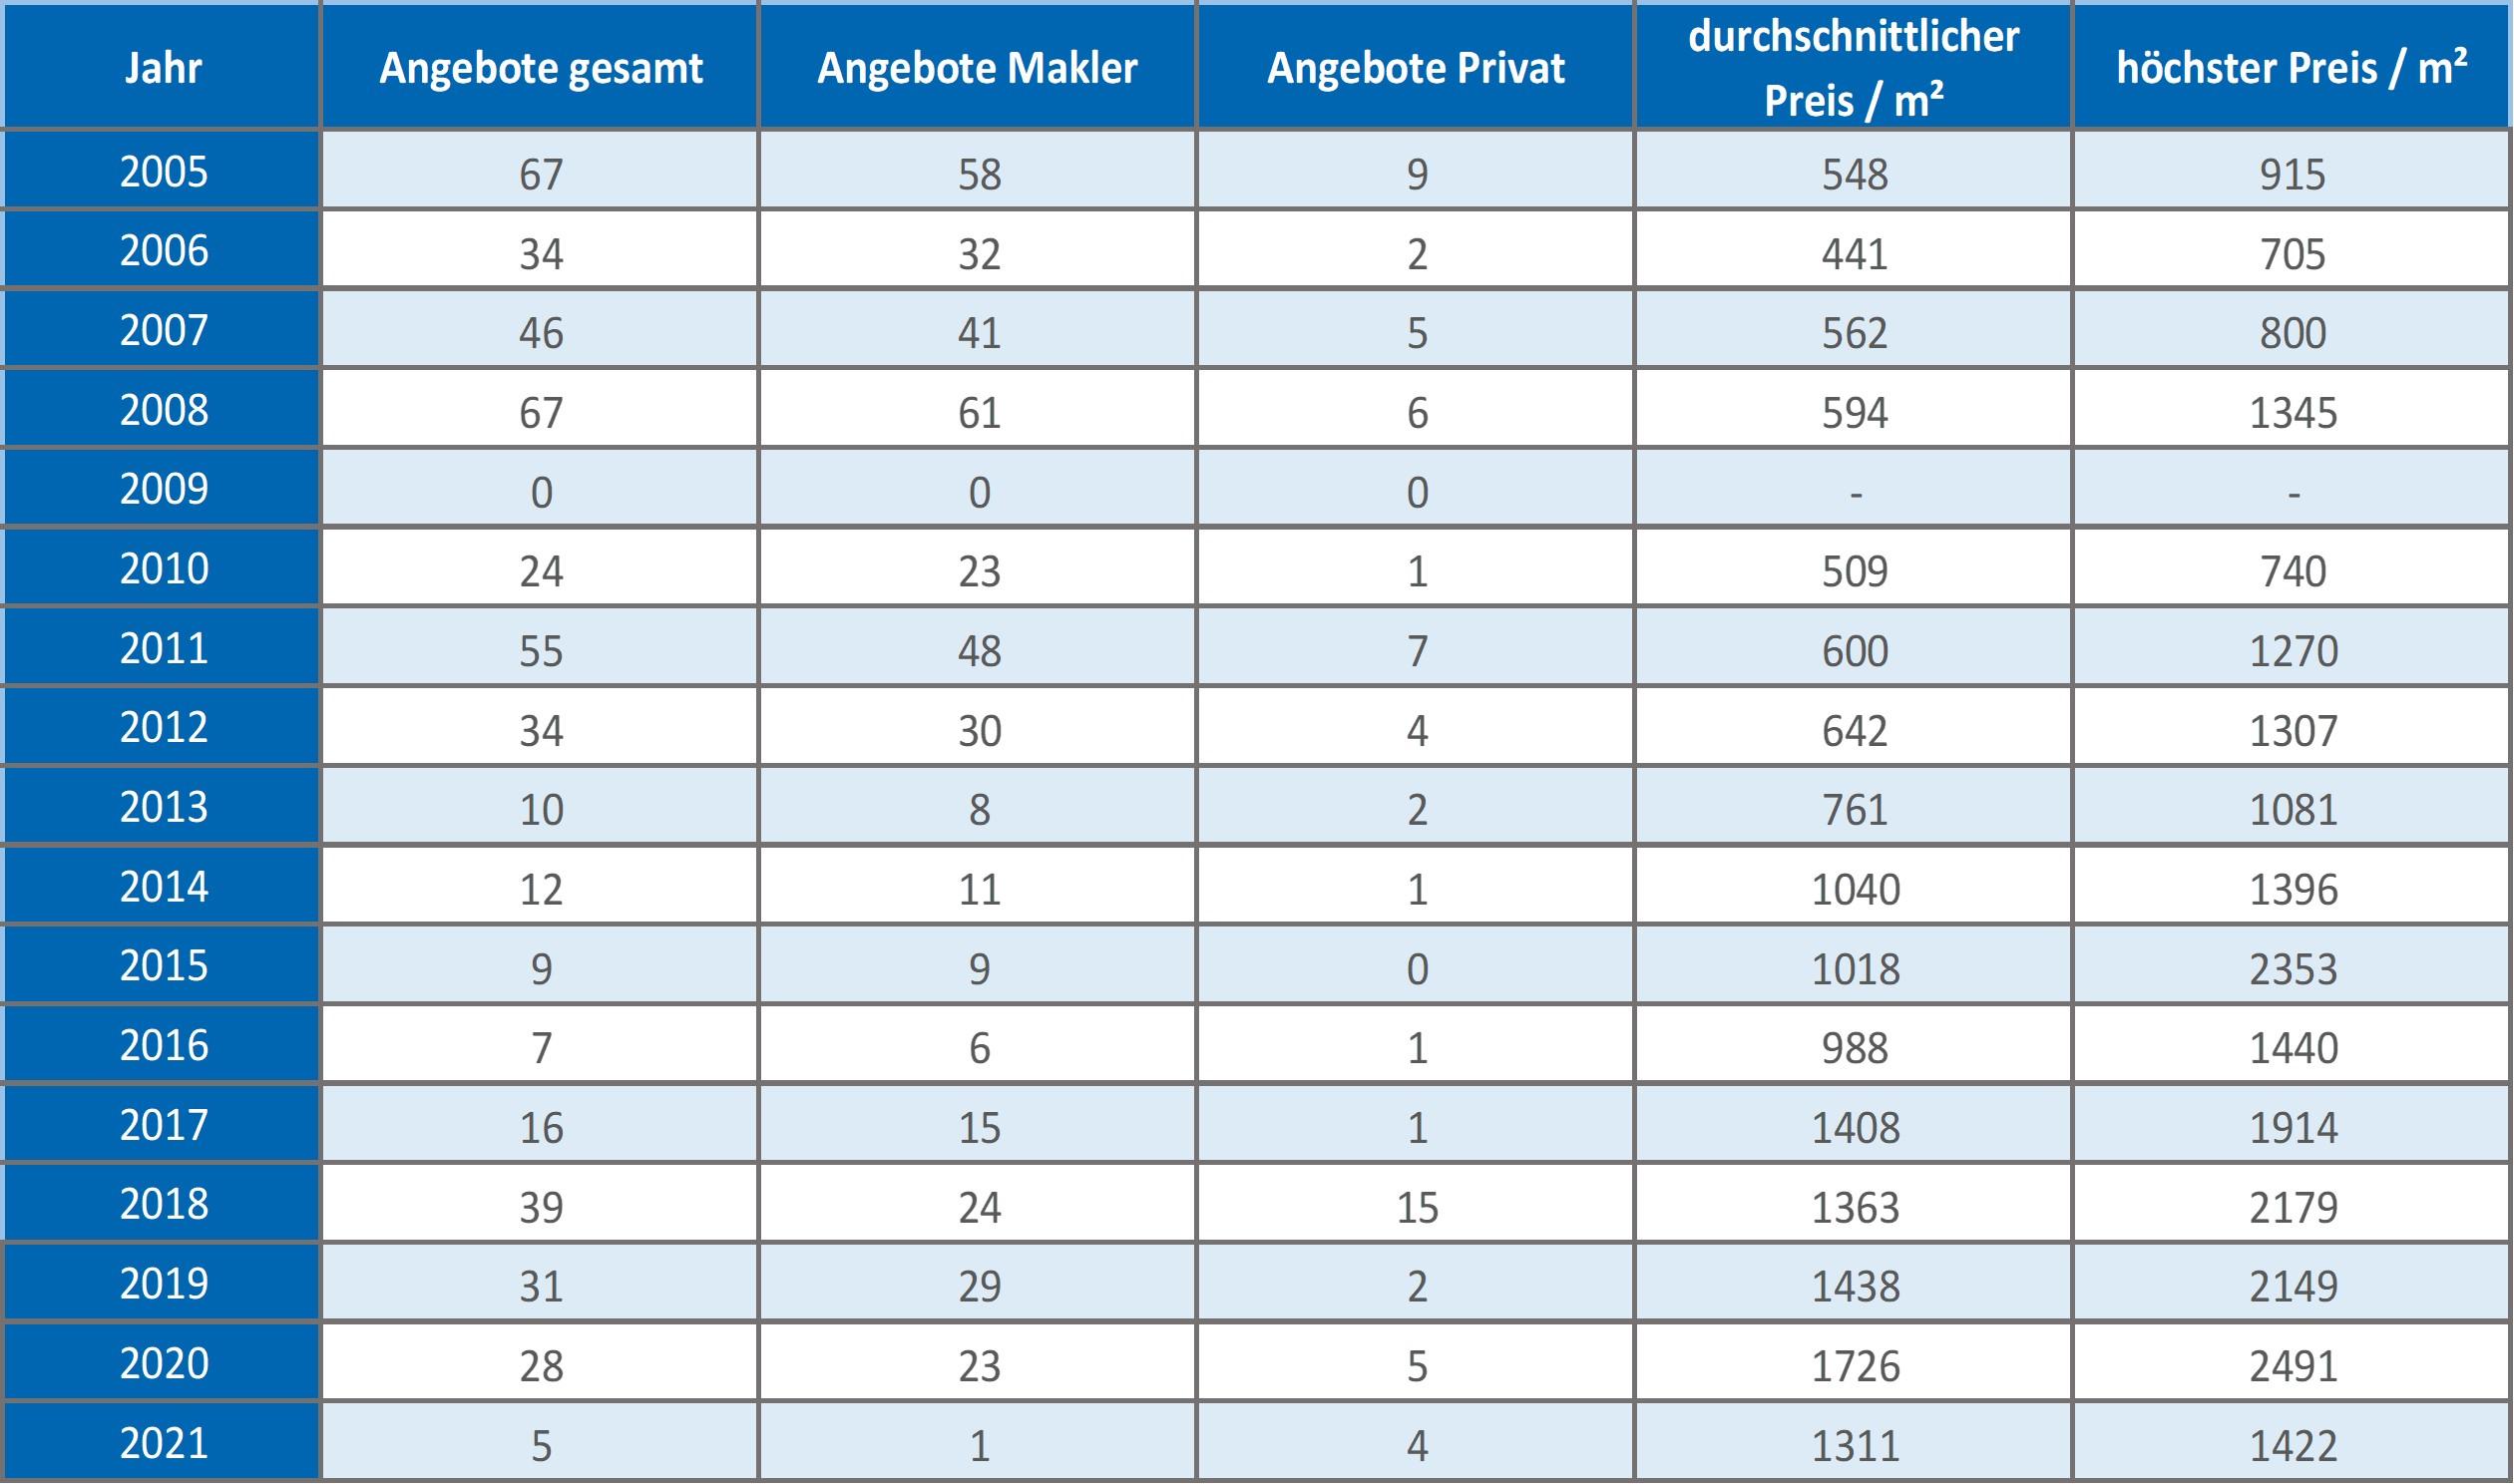 Dachau-Grundstück-kaufen-verkaufen-Makler 2019 2020 2021